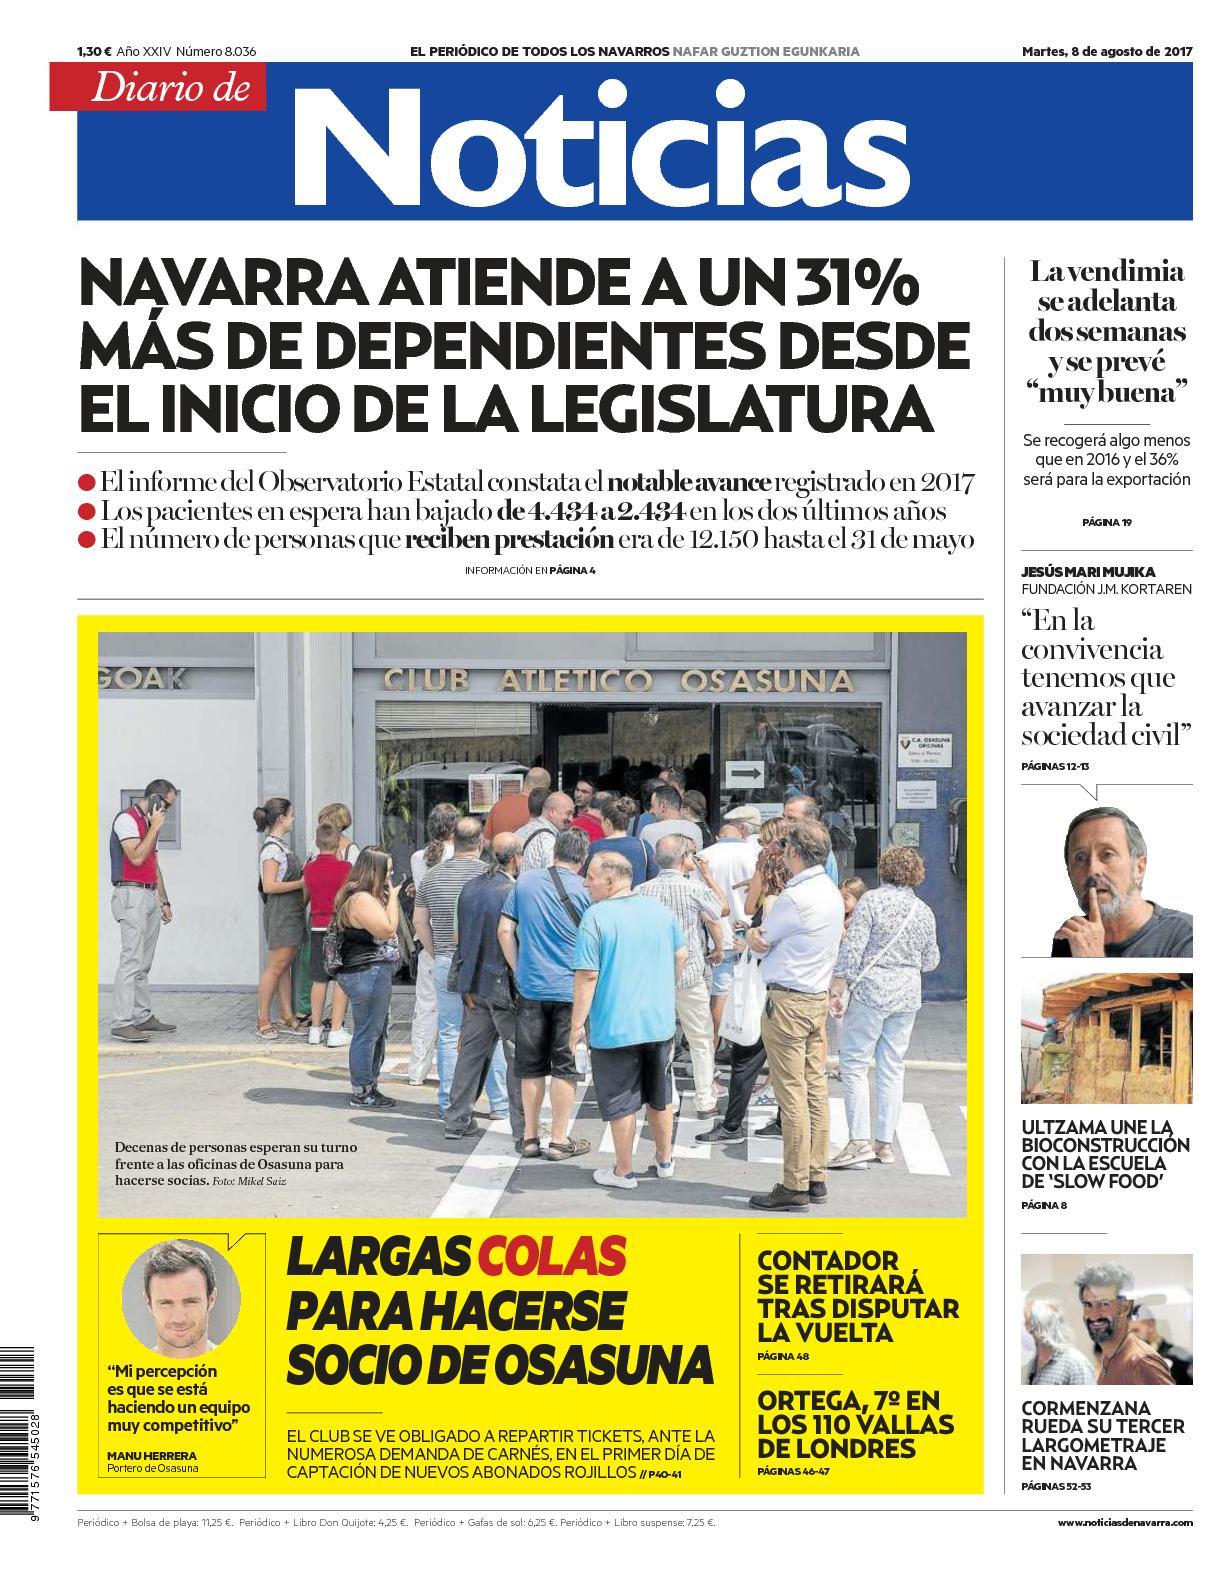 MONEDEROS AGENTES FORESTALES GUARDA PARTICULAR DE CAMPO M2 GUARDERIO RURAL